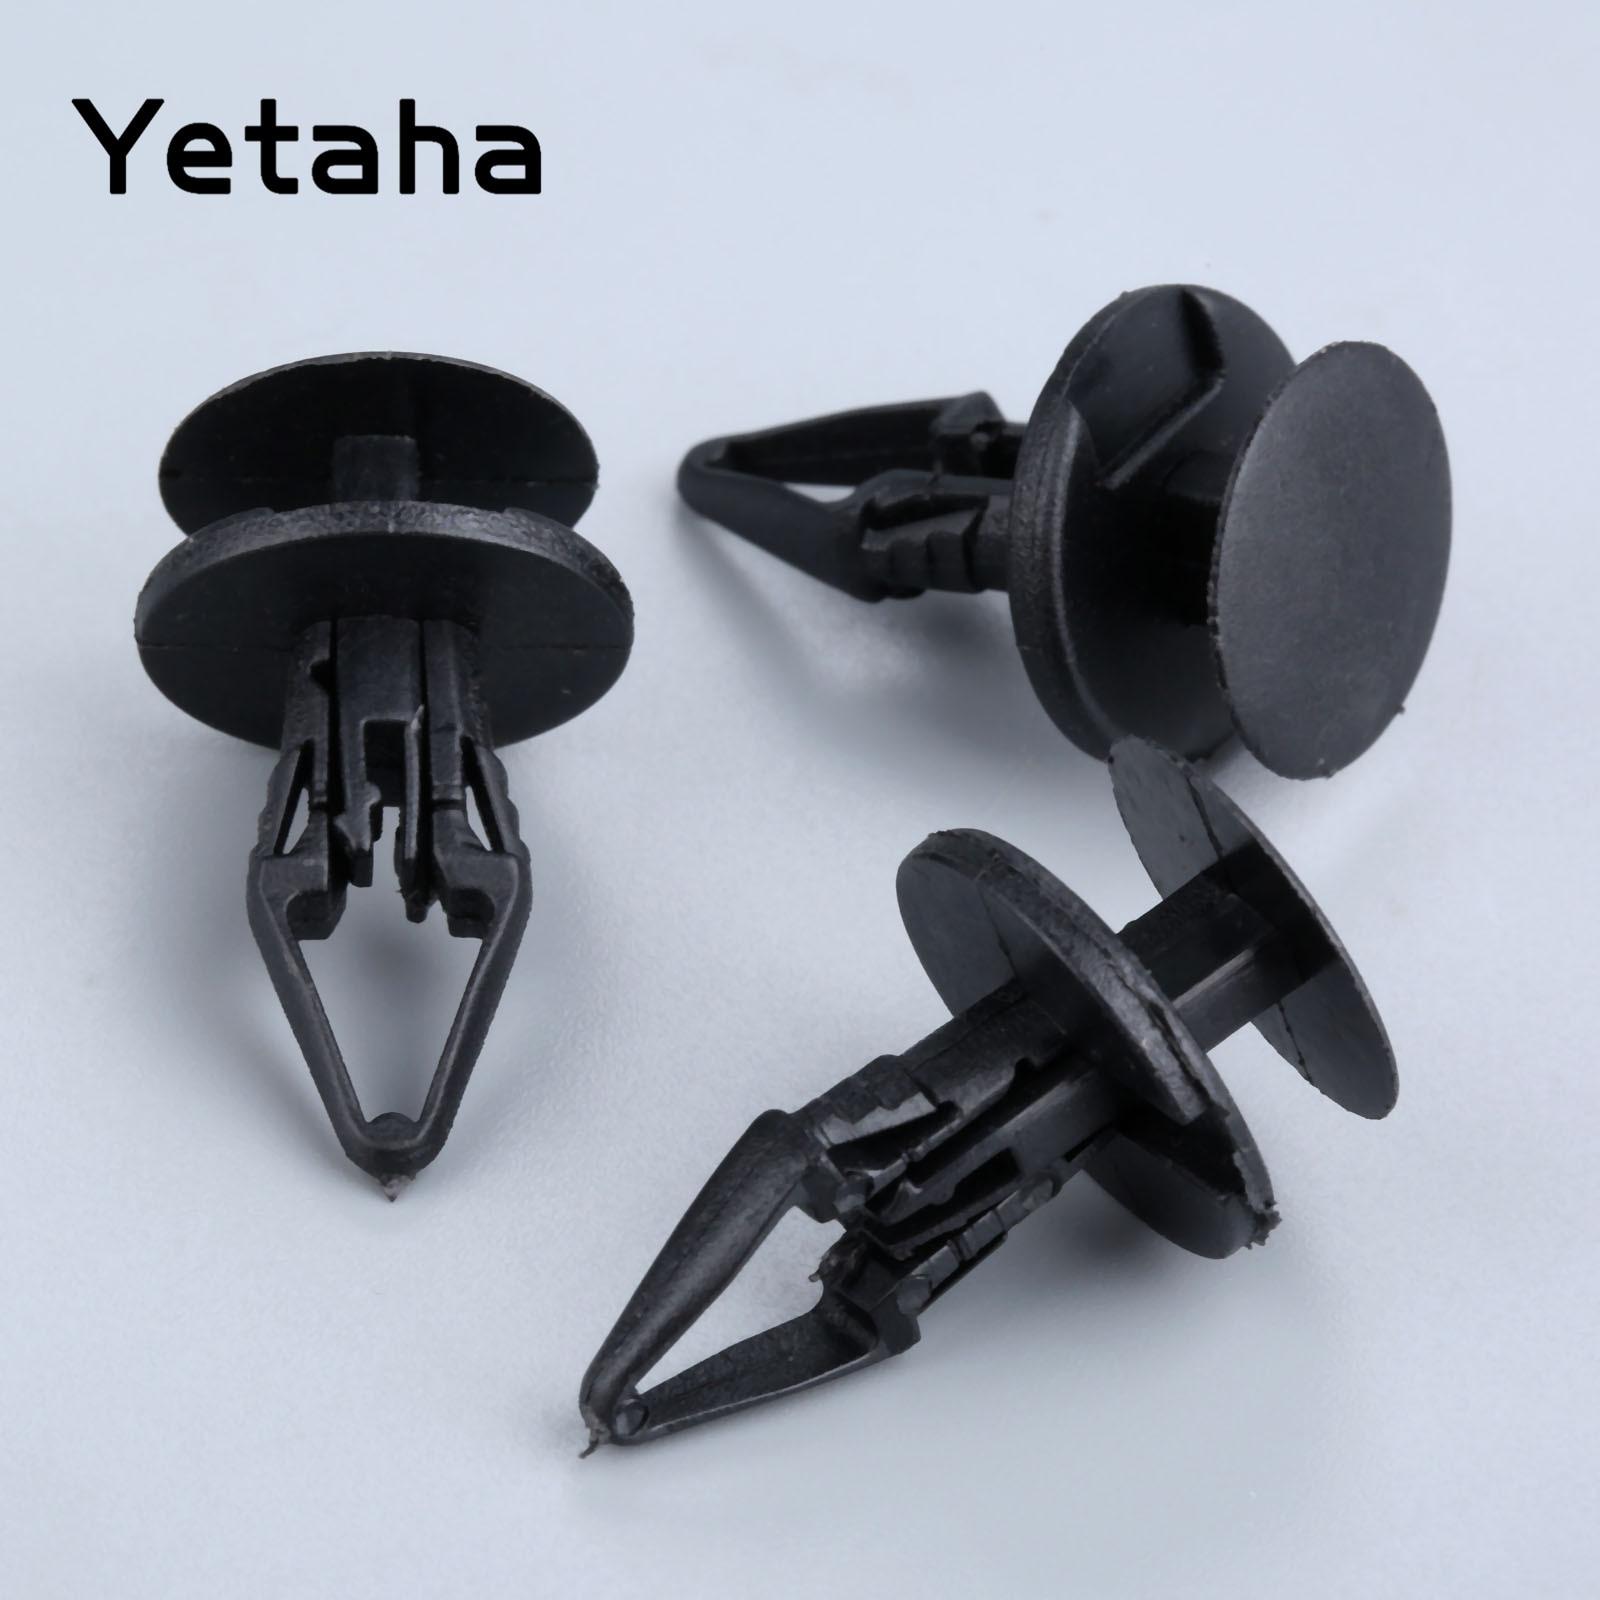 Yetaha 50 шт. Универсальный крепеж для крыла автомобиля, заклепки с фиксированным зажимом, пластиковые крепежные зажимы для Ford Buick Chevrolet